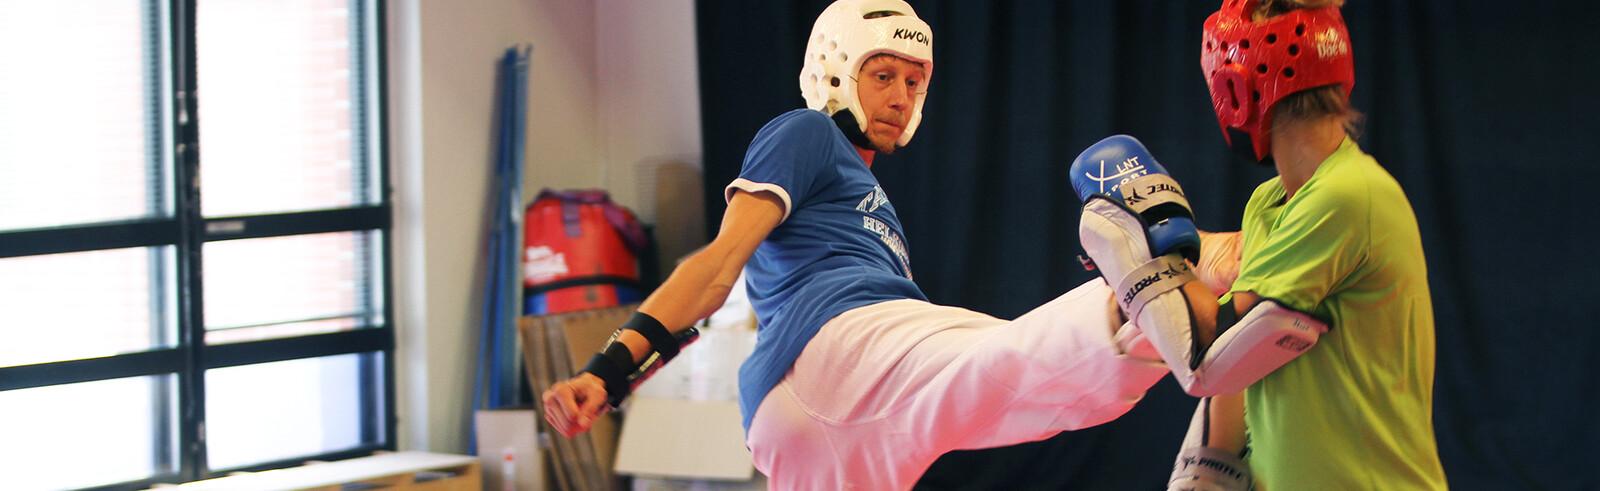 Otsikkokuva aiheesta Taekwondo